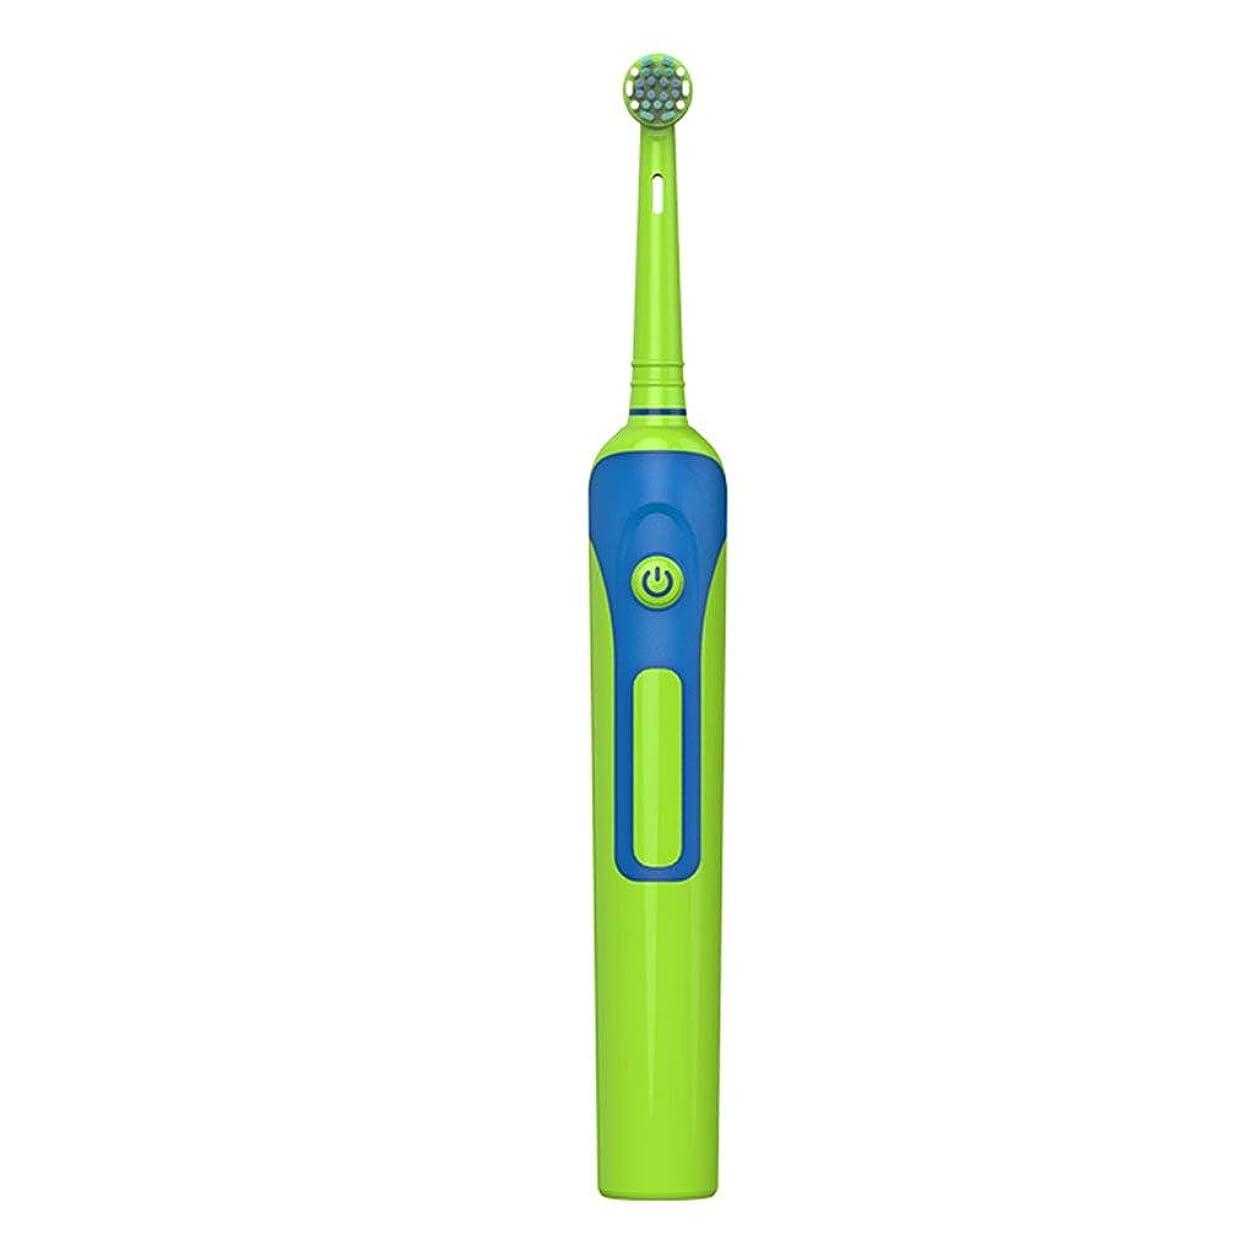 ロゴ満足この子供用電動歯ブラシ充電式自動回転歯ブラシやわらかい防水歯ブラシ(カラー:ブルー)